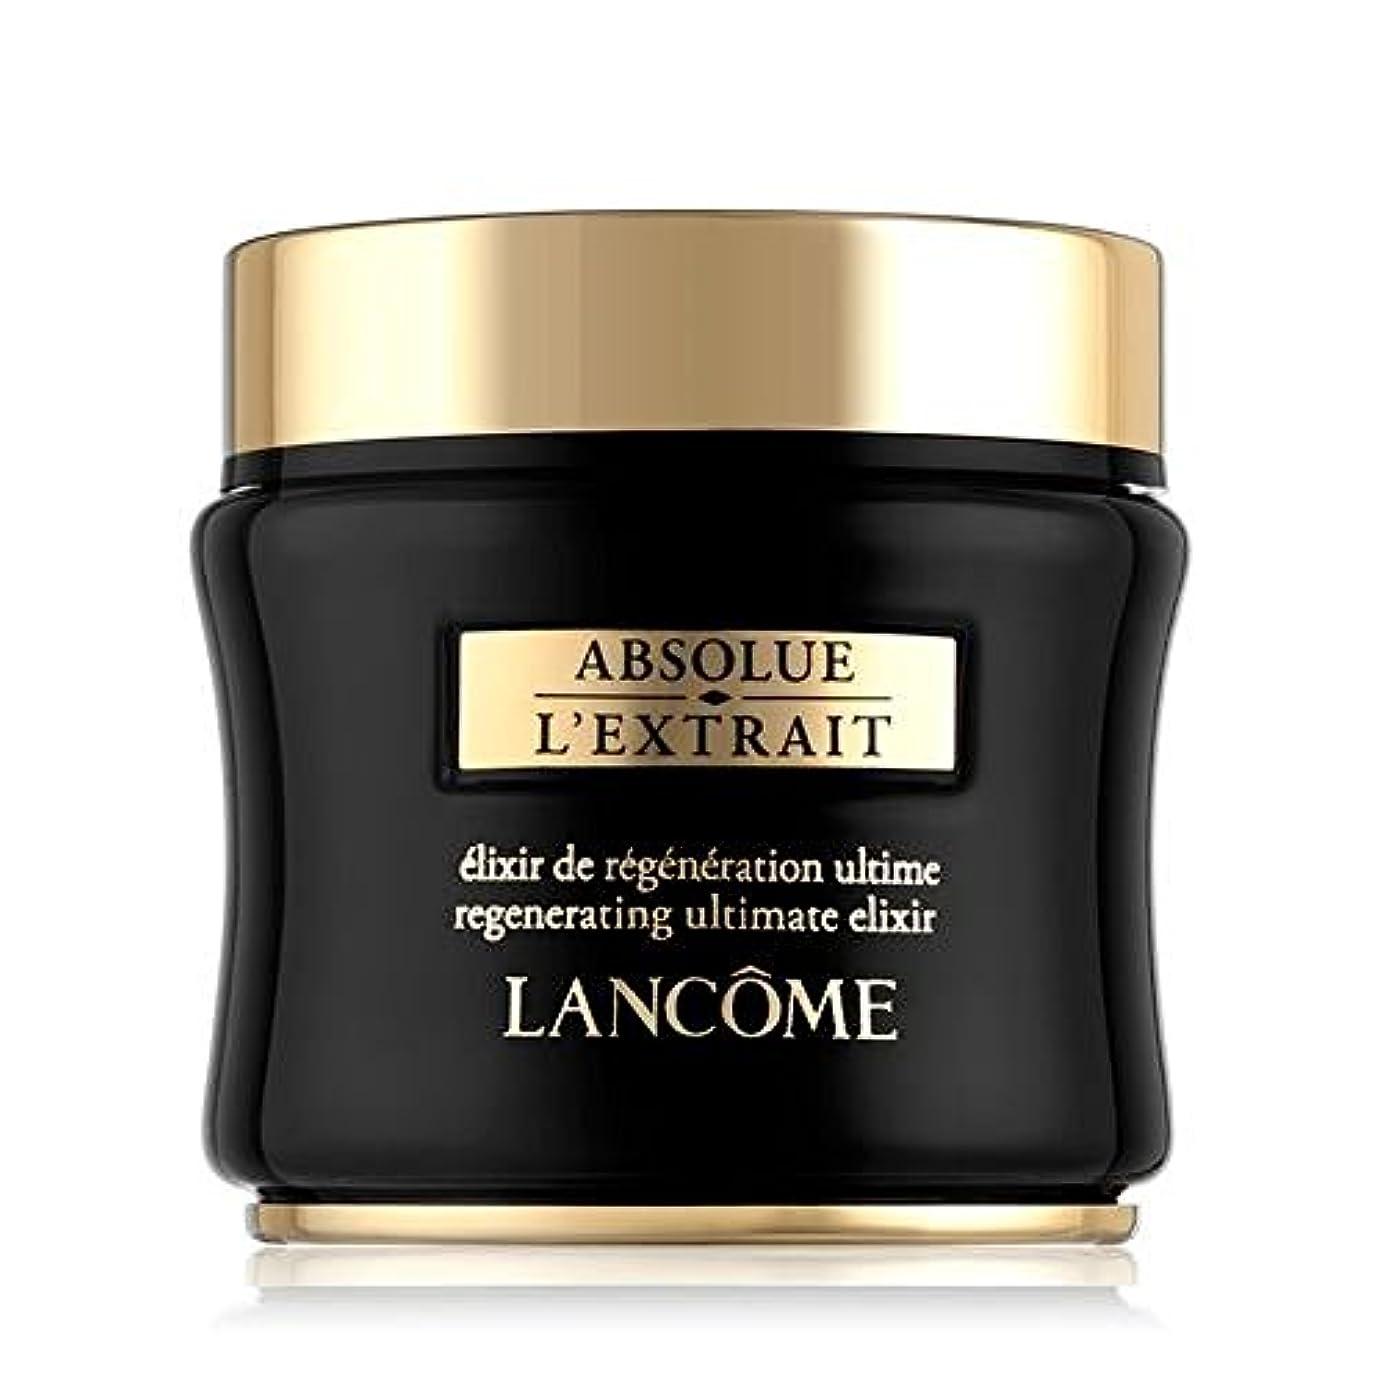 吸収ハント電気技師ランコム Absolue L'Extrait Ultimate Elixir Cream 50ml/1.7oz並行輸入品